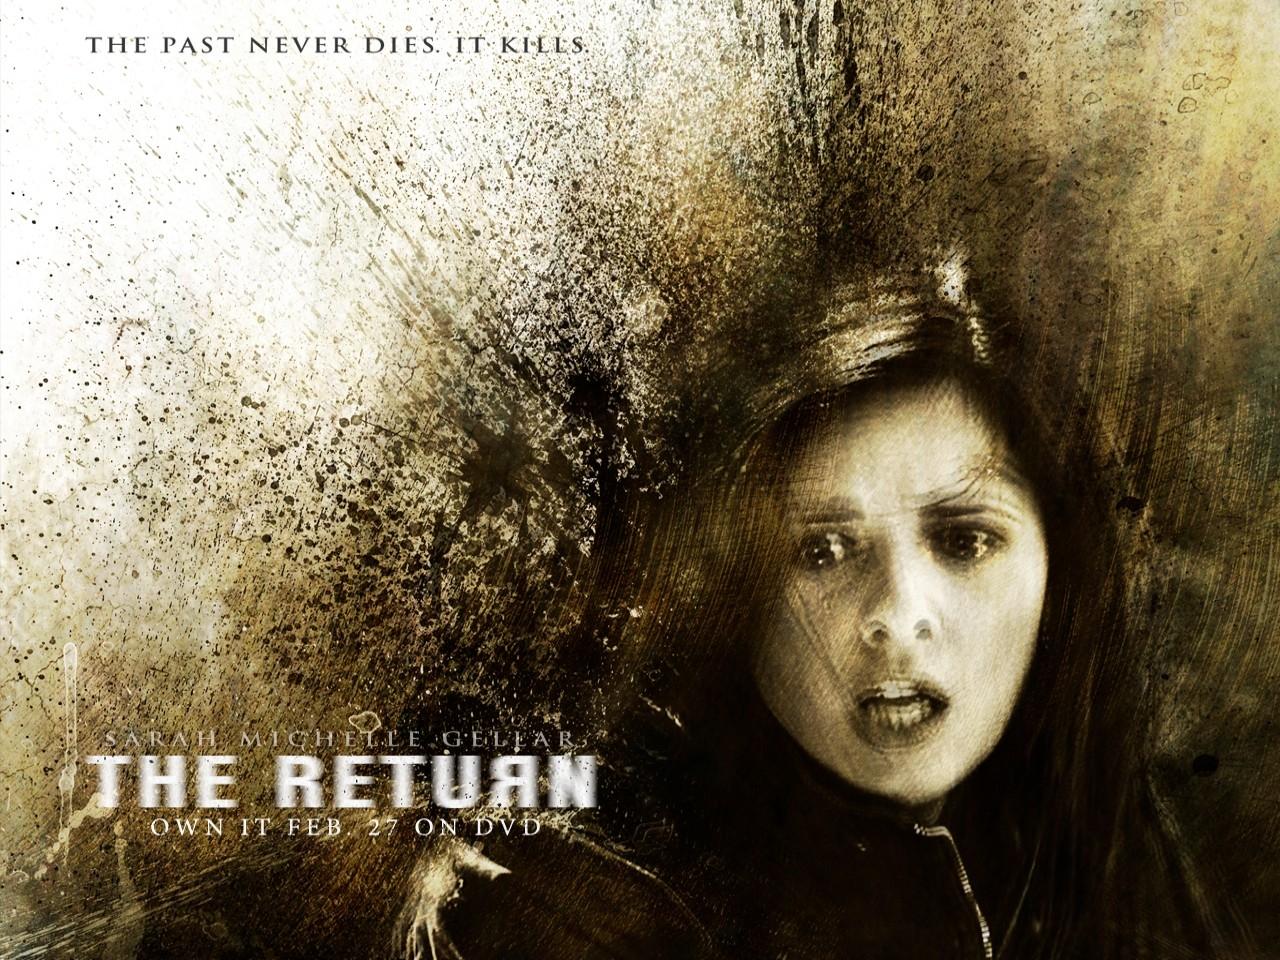 Wallpaper del film L'incubo di Joanna Mills - The Return con Sarah Michelle Gellar